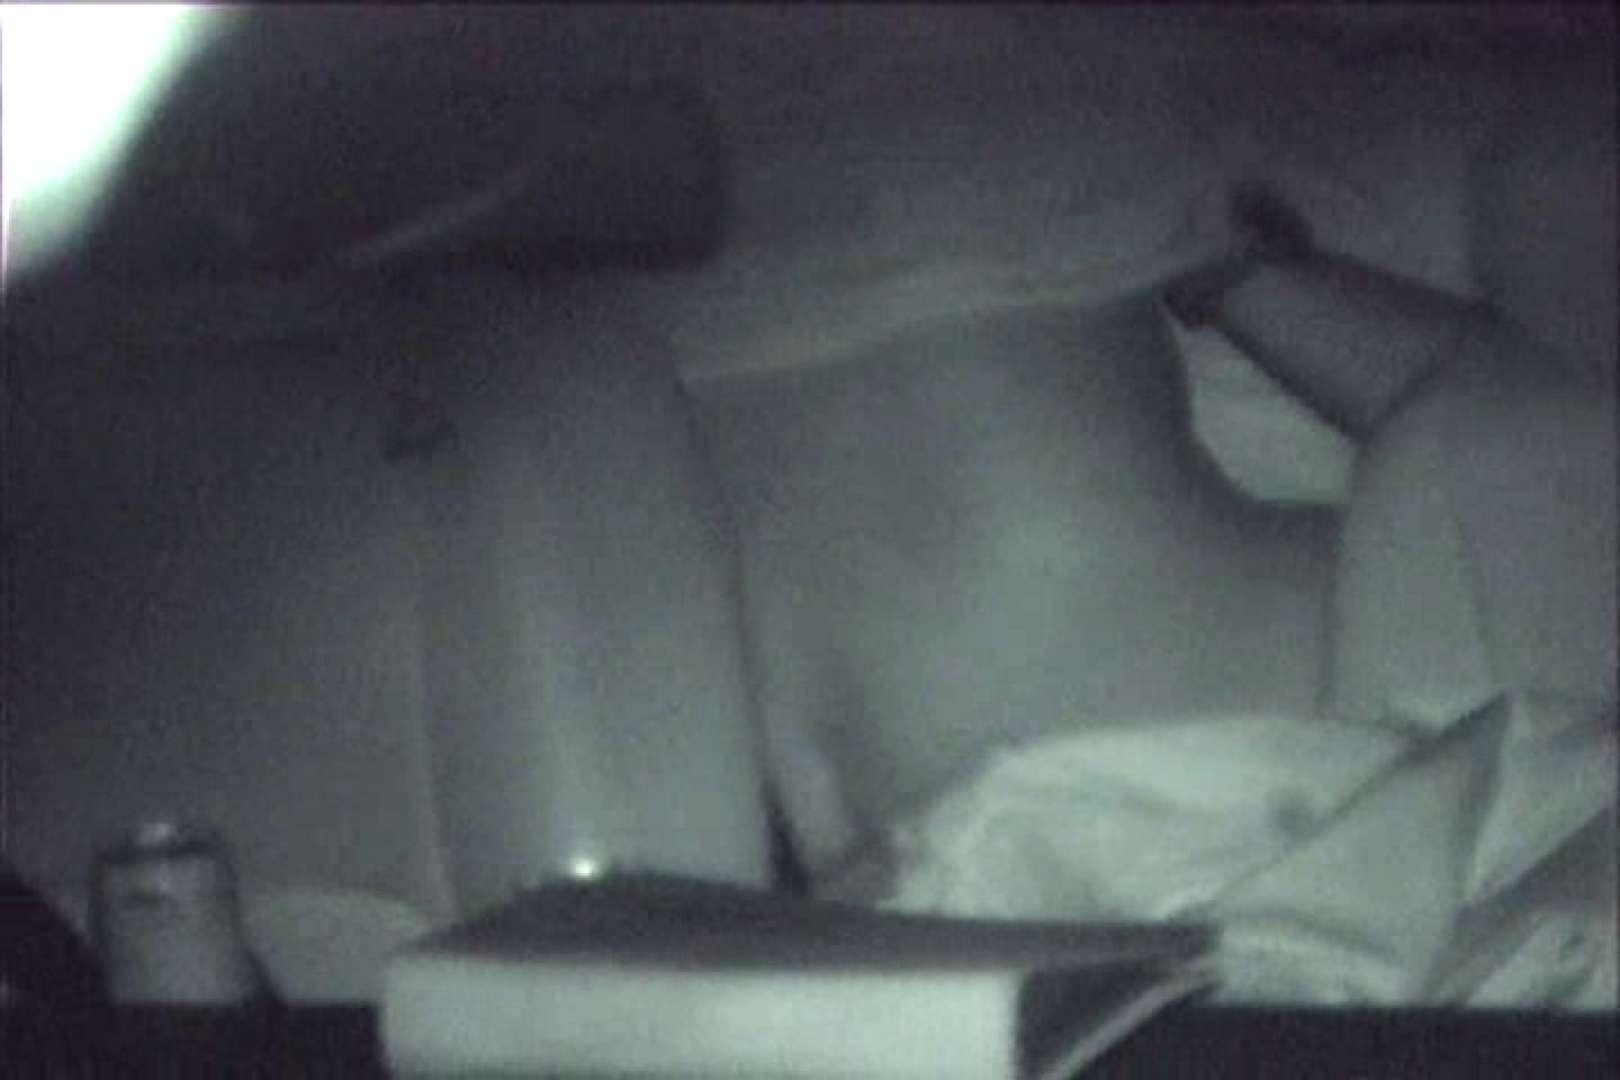 車の中はラブホテル 無修正版  Vol.21 車  109画像 42